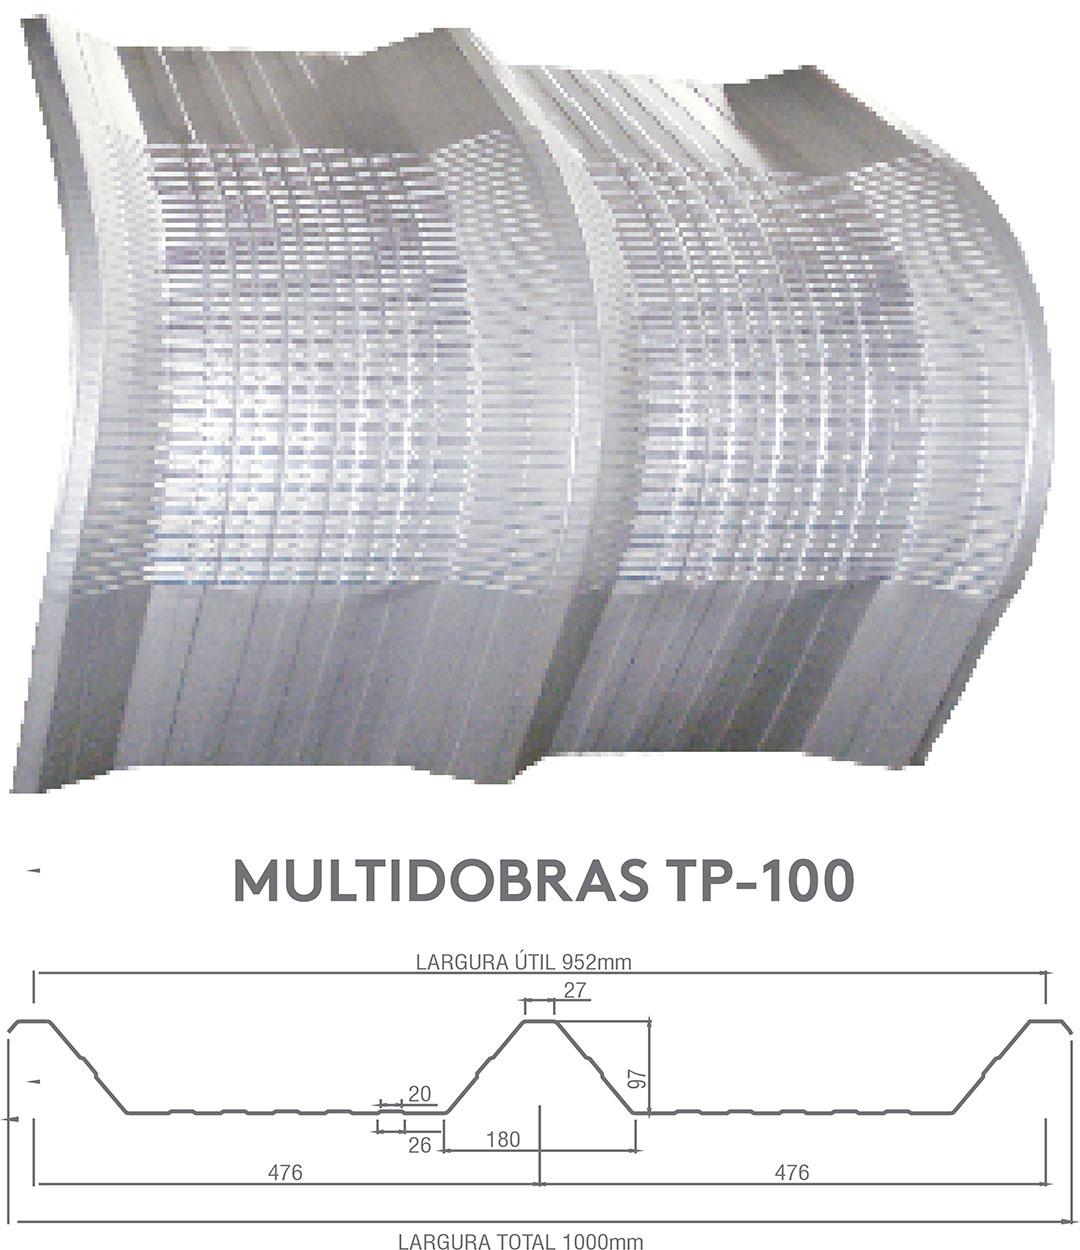 multidobras-tp-100-mobile